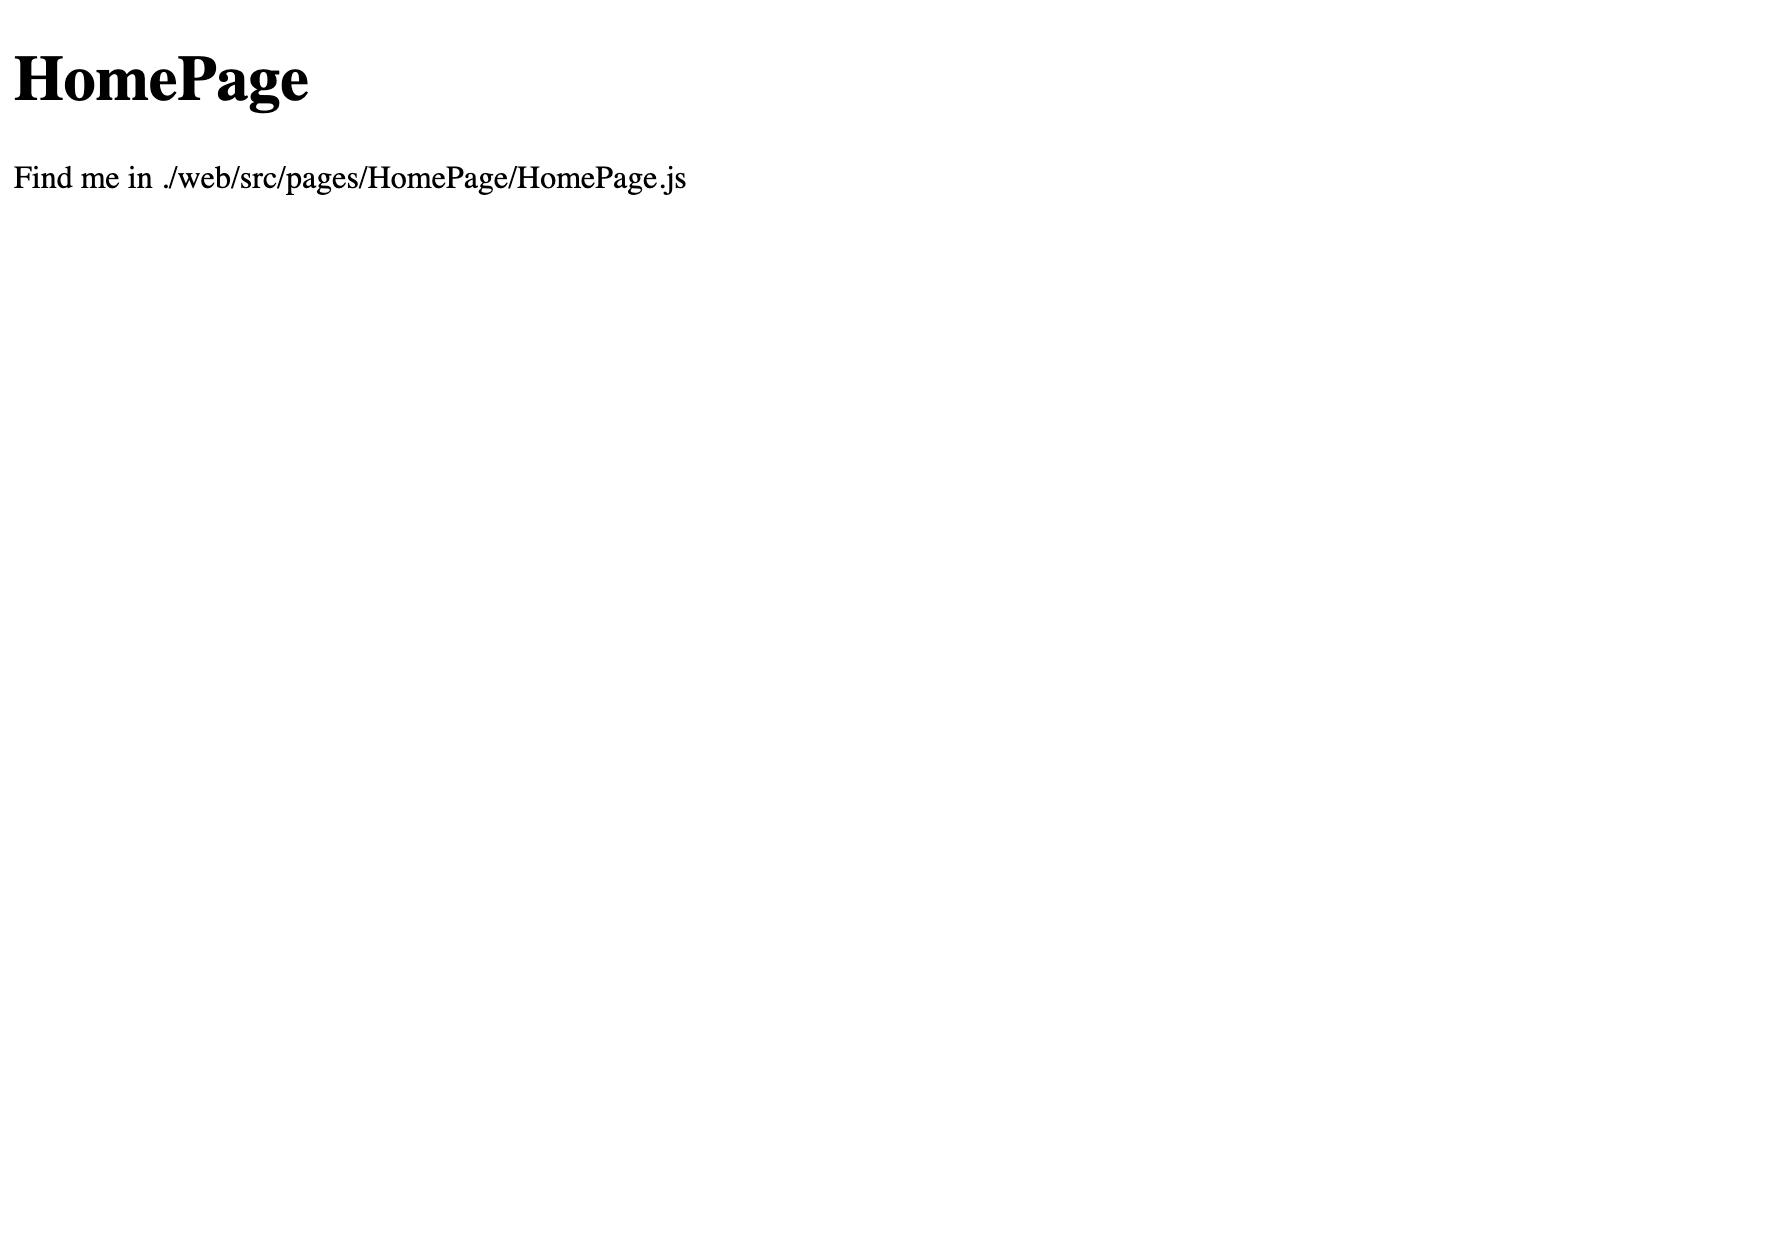 Default HomePage render